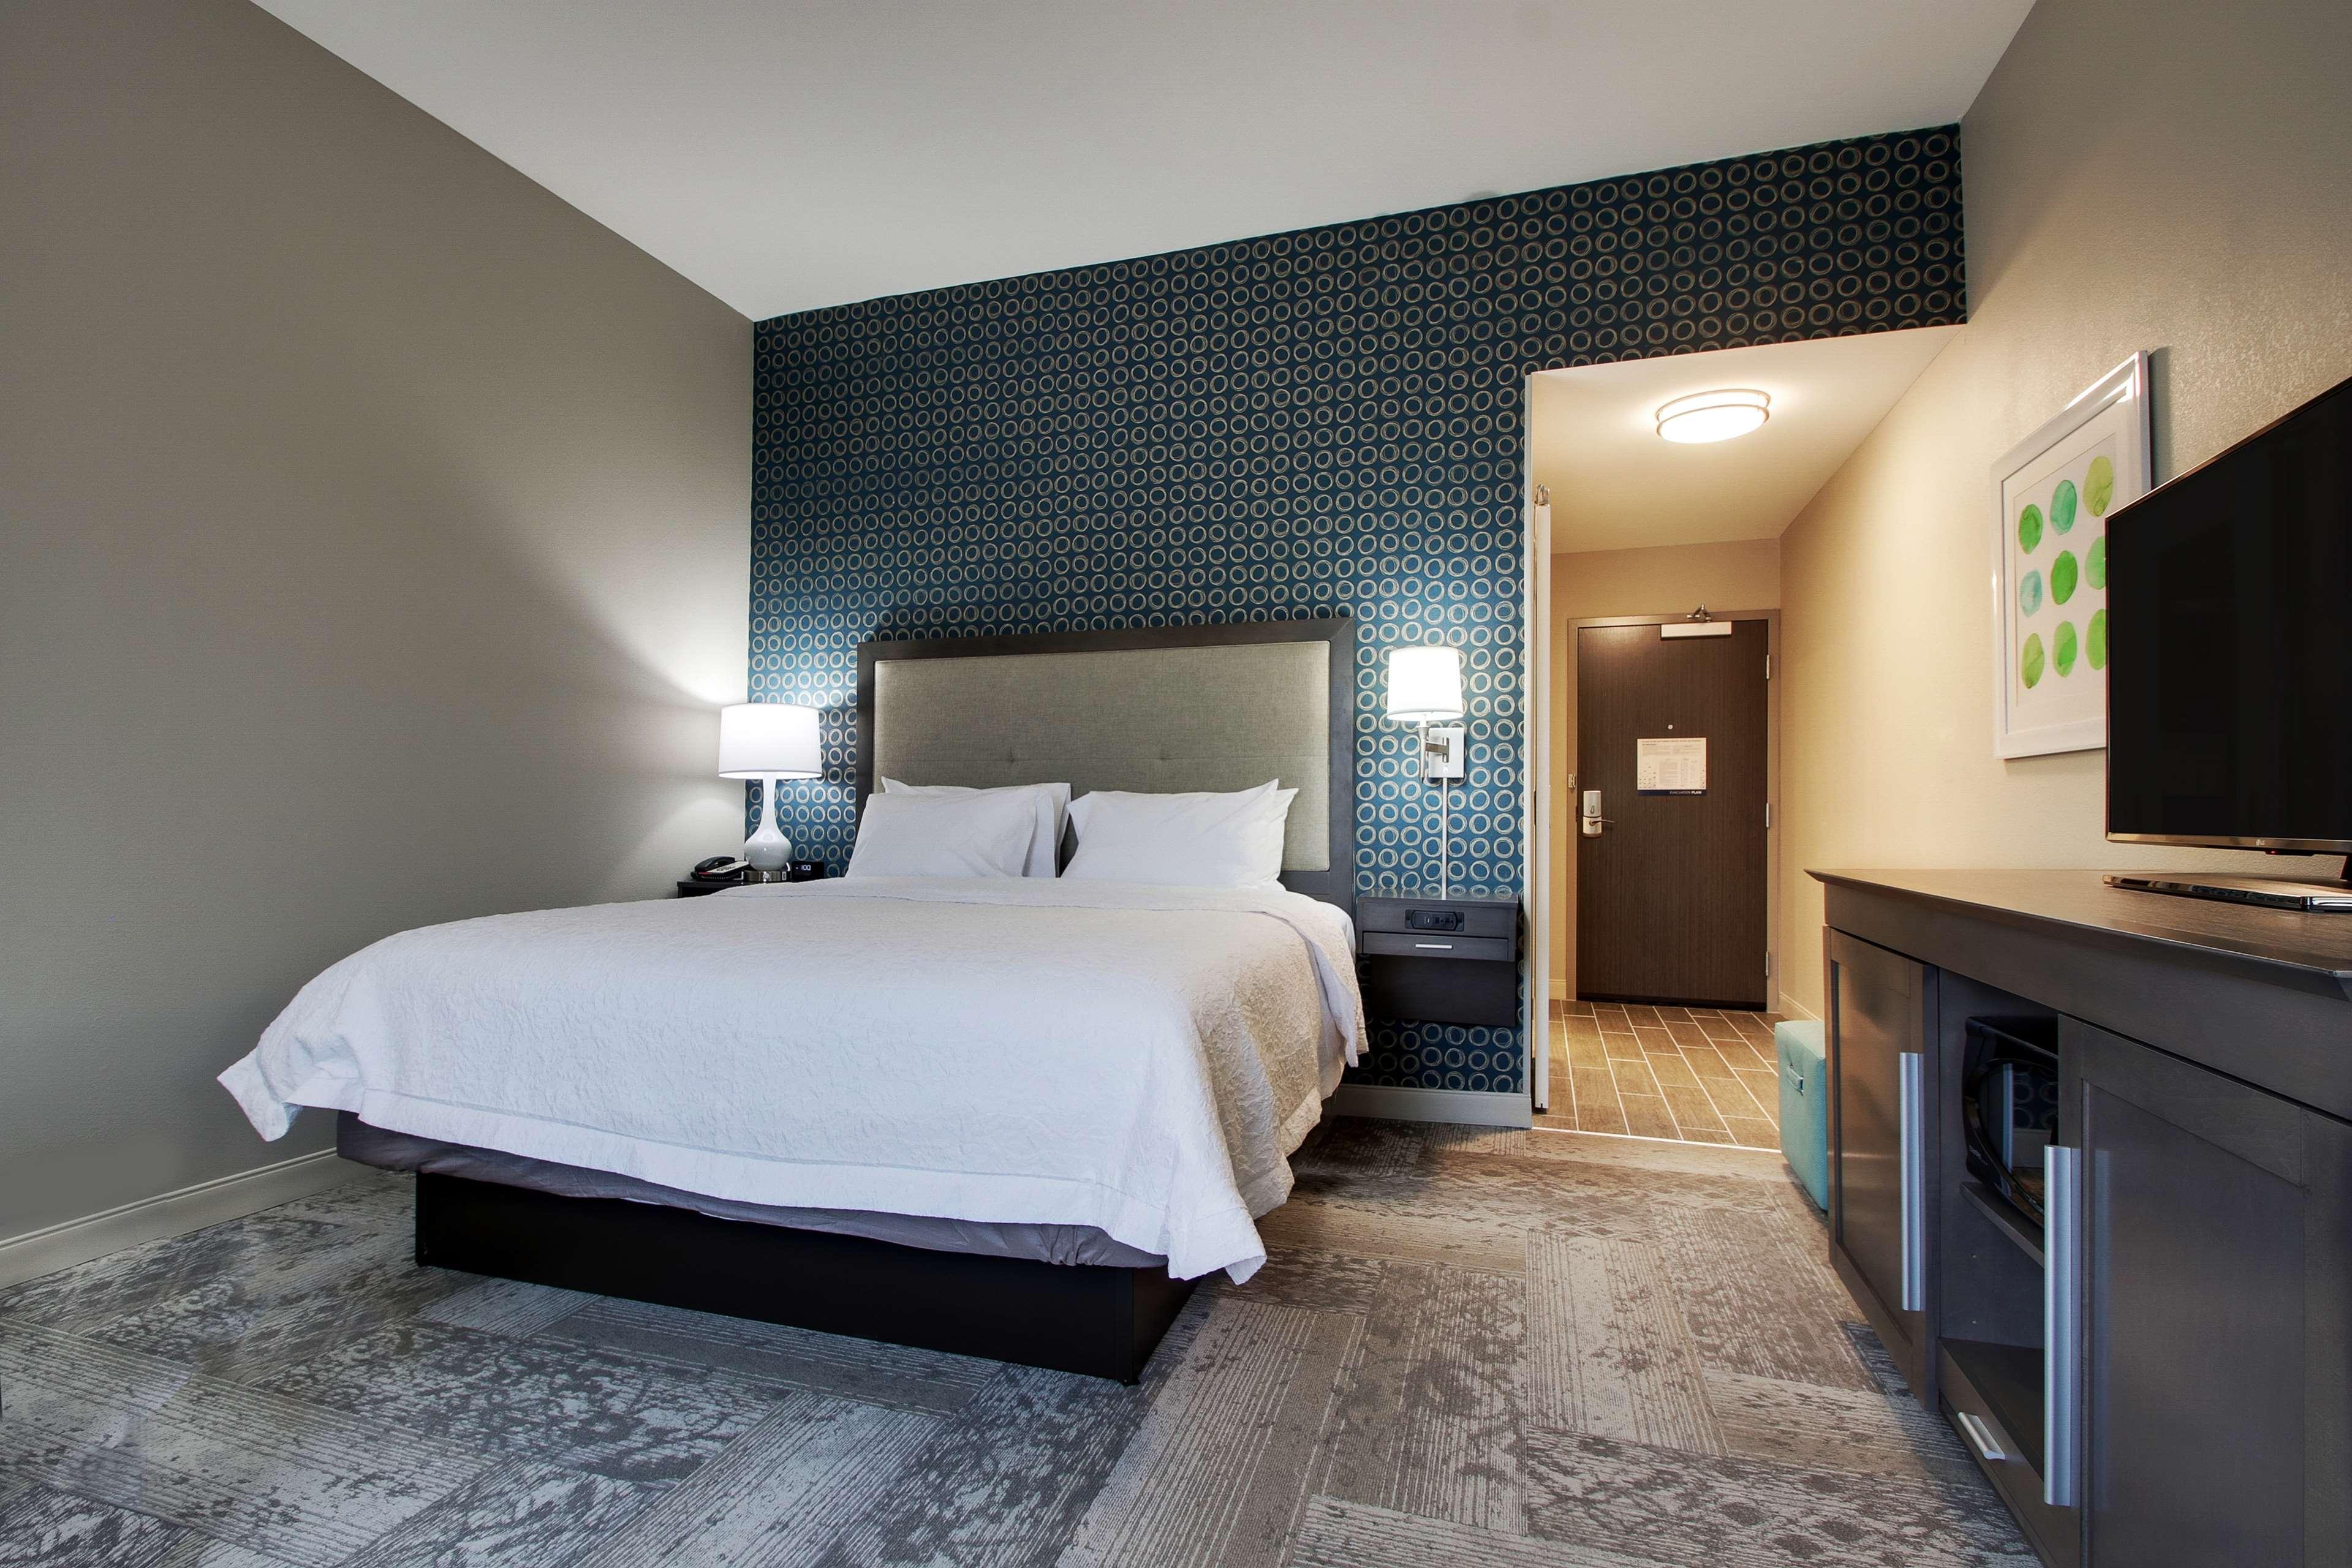 Hampton Inn & Suites Knightdale Raleigh image 32